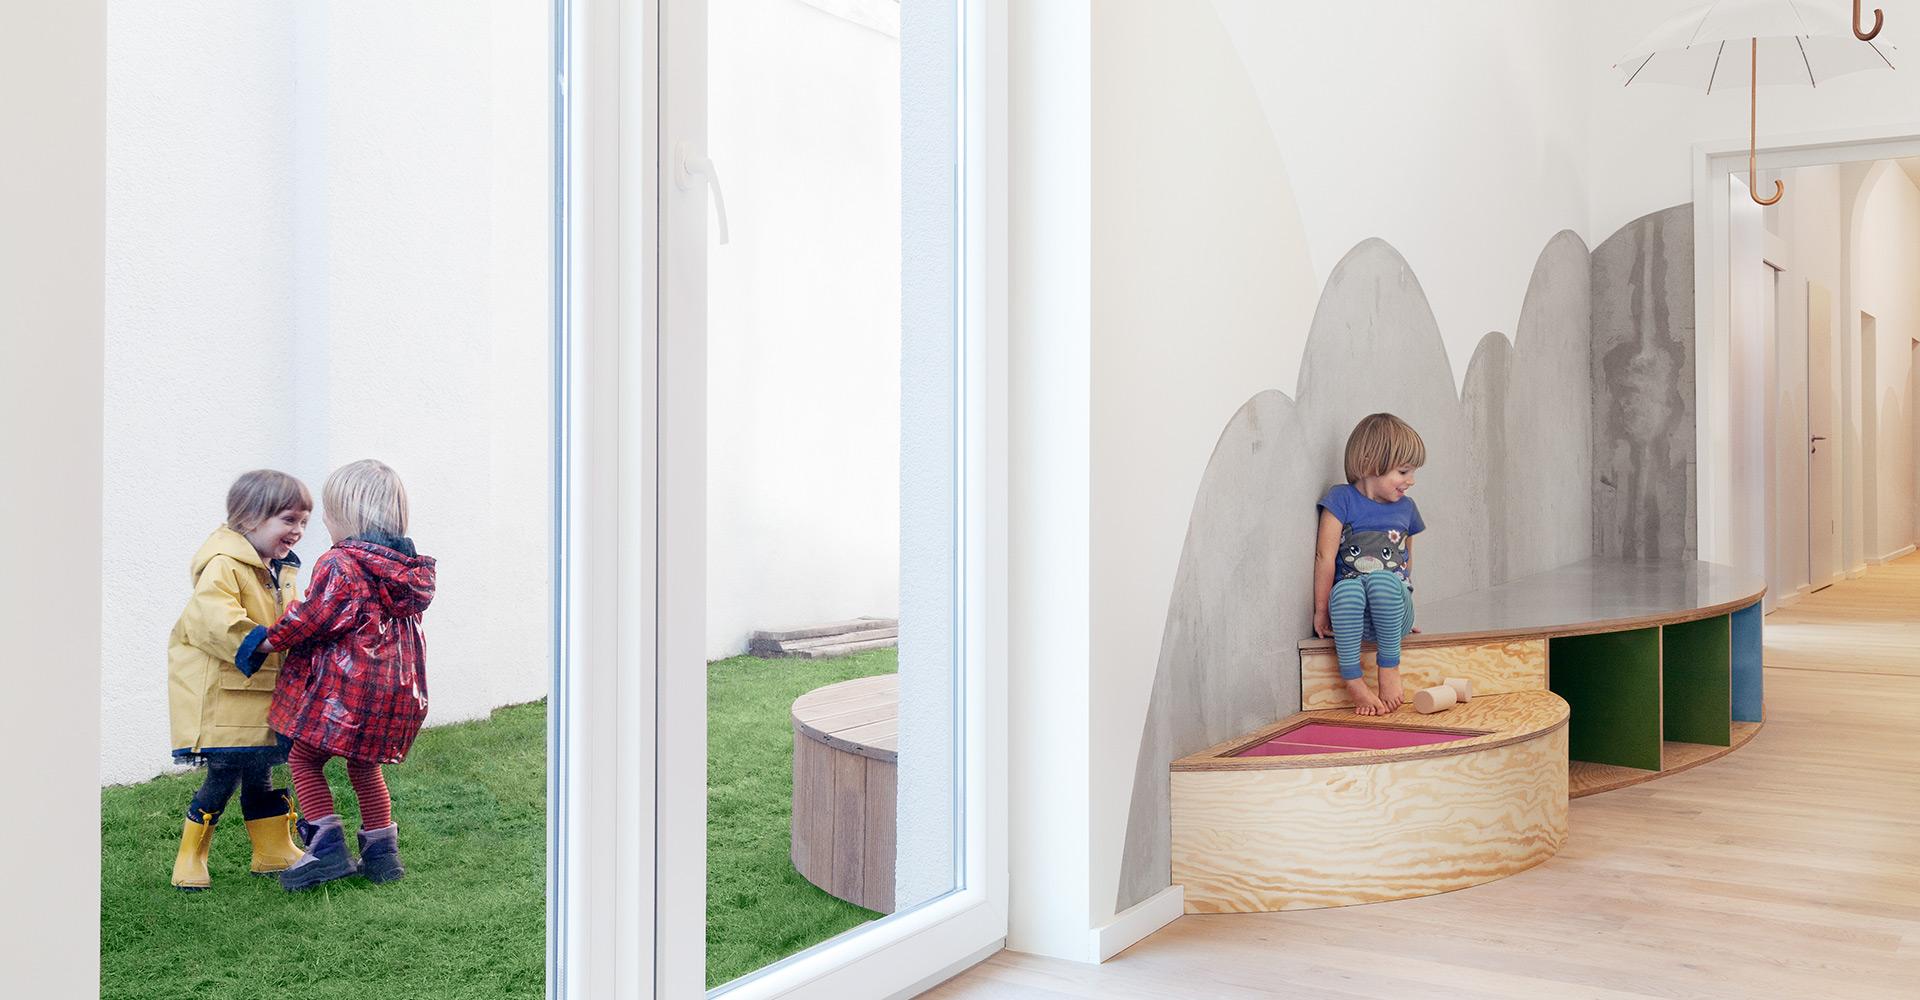 kita unterm regenschirm baukind architekten. Black Bedroom Furniture Sets. Home Design Ideas